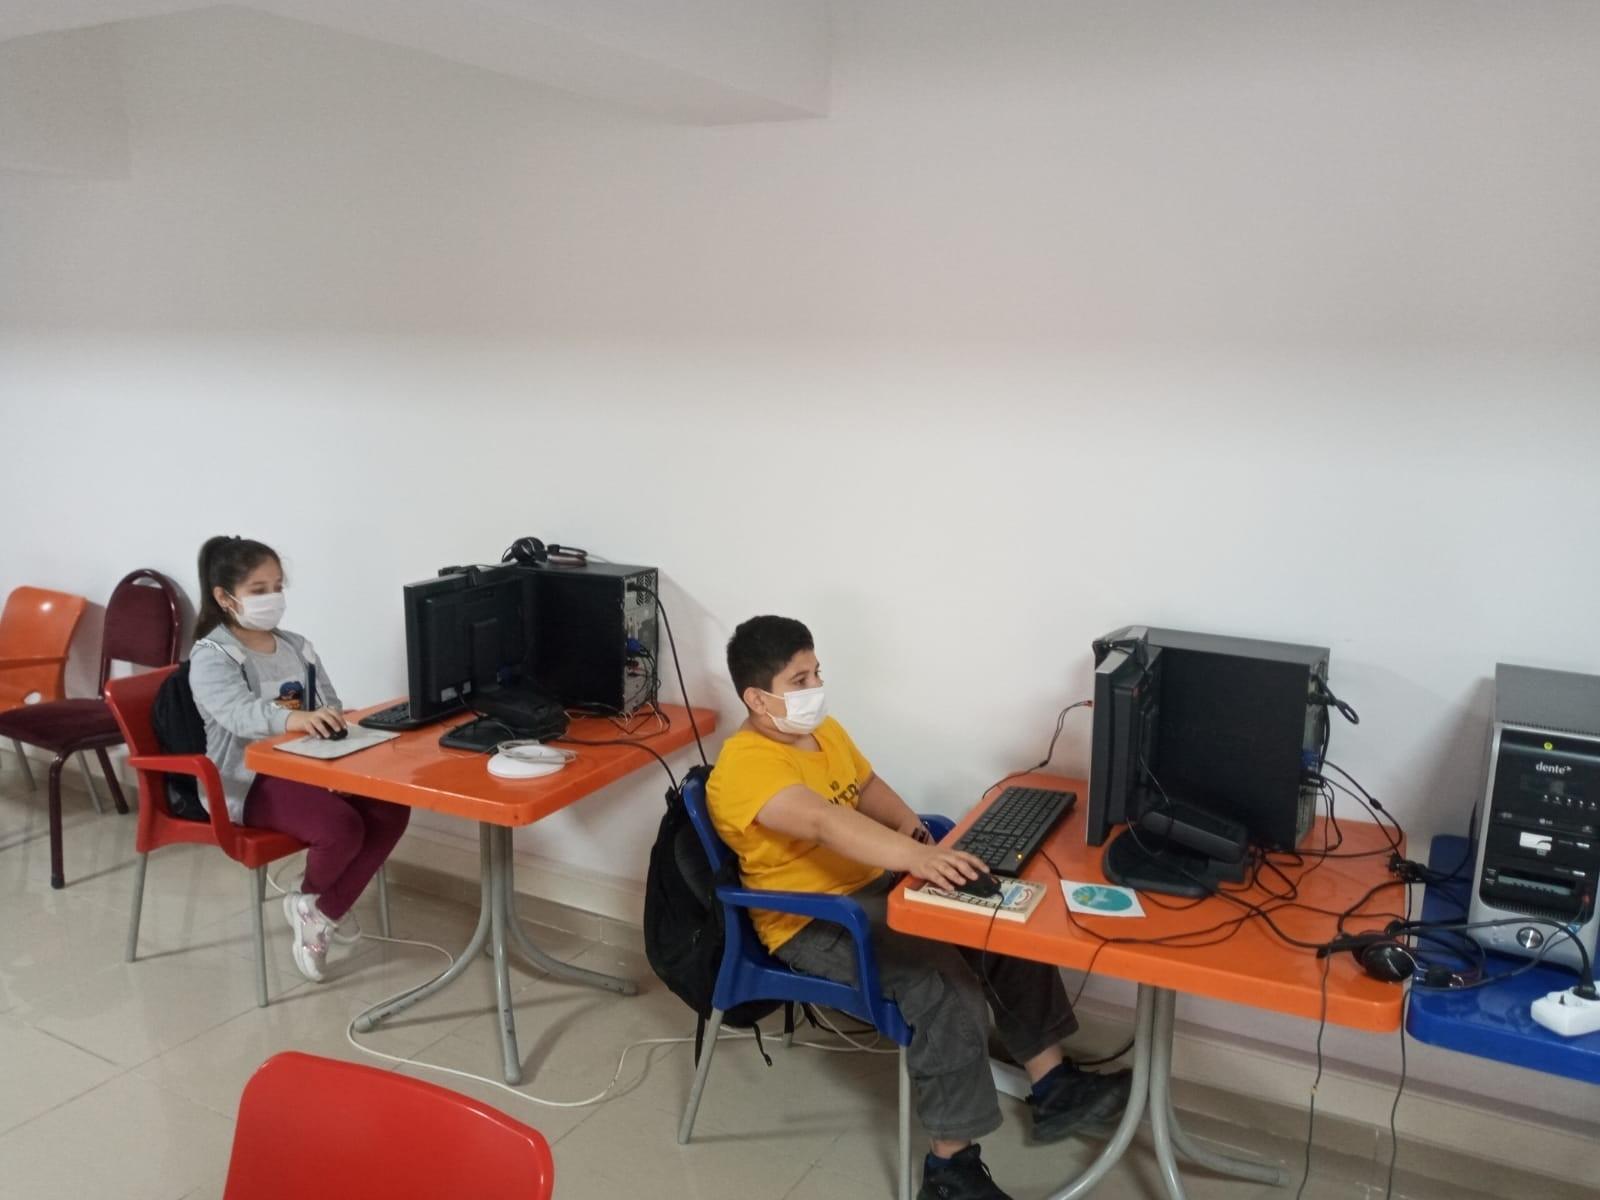 Geri dönüşümden gelen 5 bilgisayar öğrencilerin hizmetine sunuldu